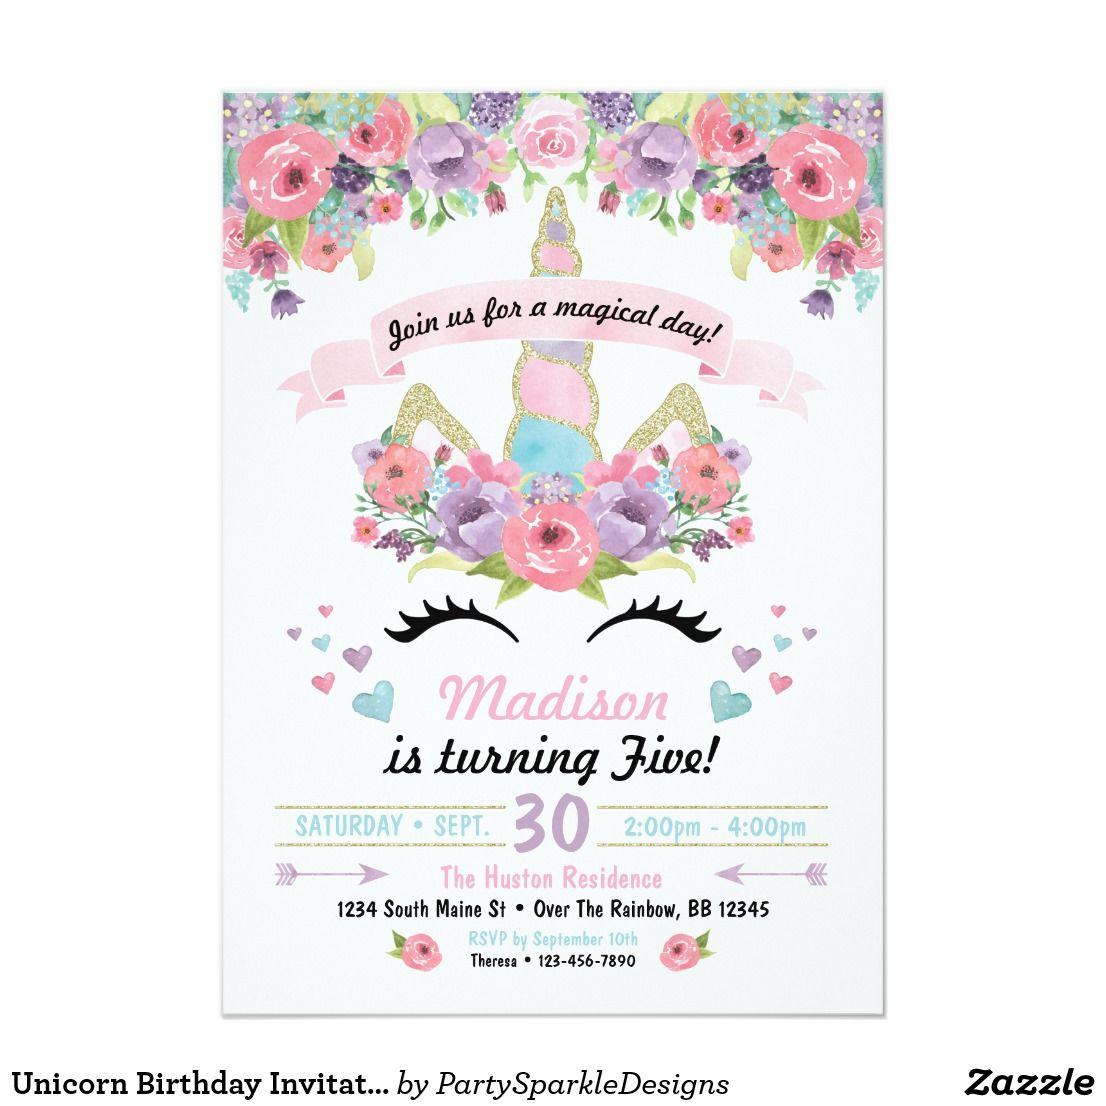 Invitación del cumpleaños del unicornio | Pinterest | Unicorns ...